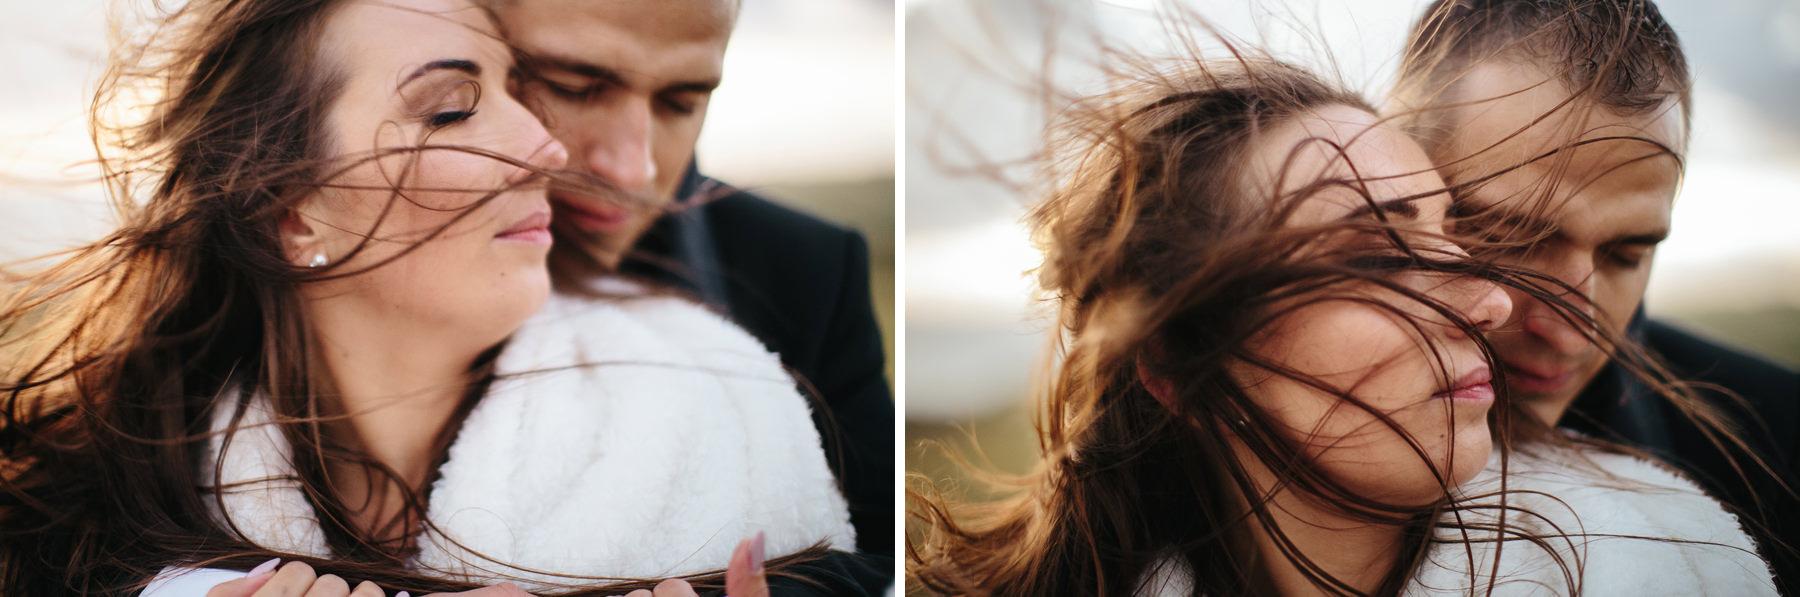 windy wedding photoshoot